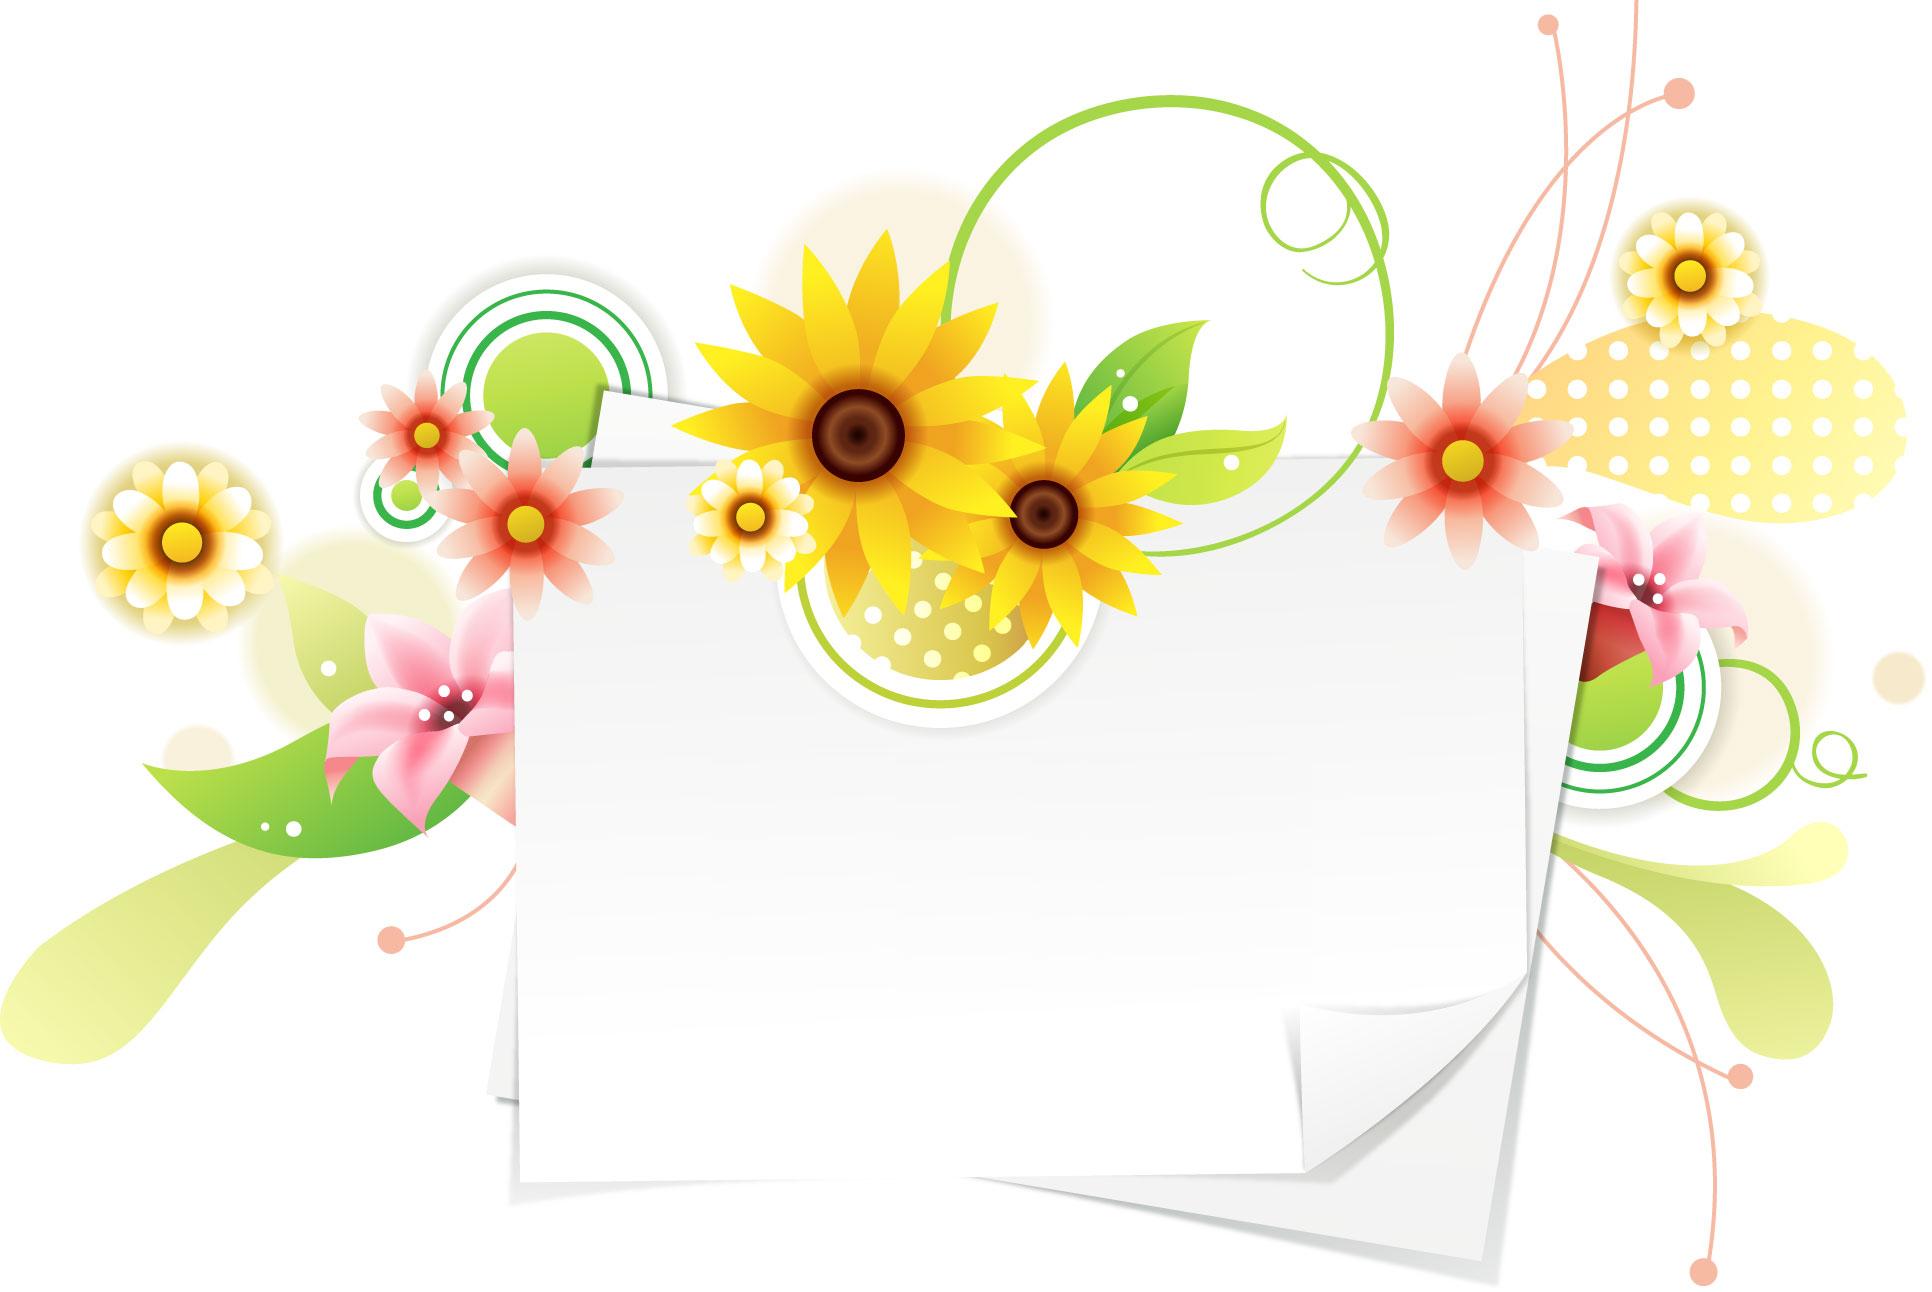 イラスト イラスト 無料 カード : ポップでかわいい花のイラスト ...